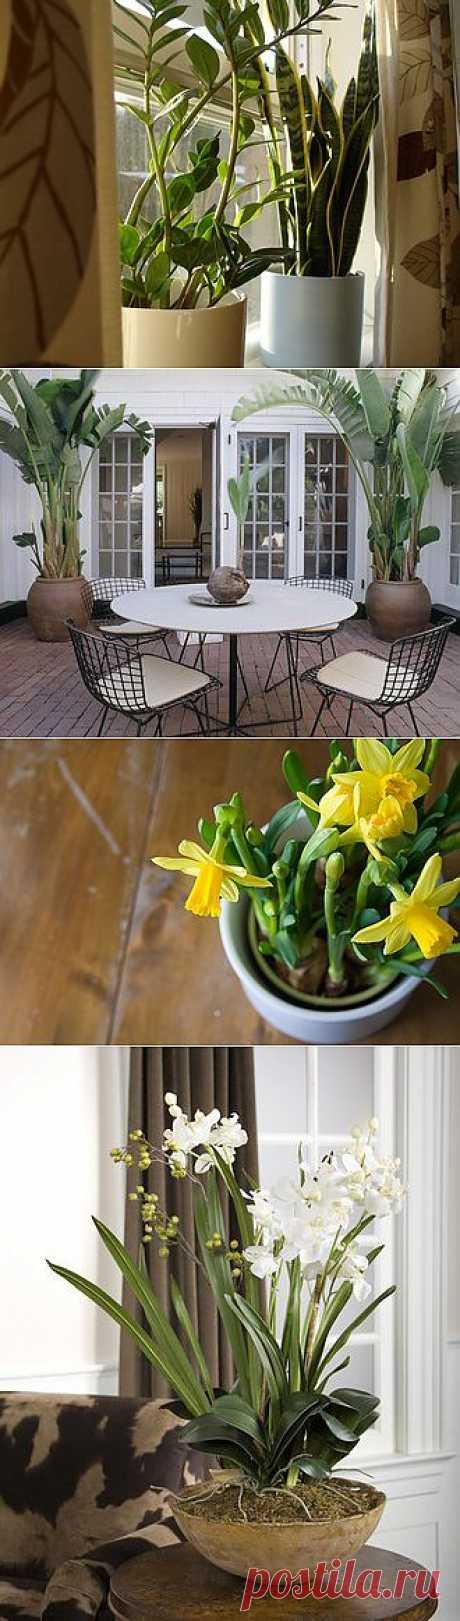 Какую температуру воздуха любят ваши комнатные растения? Признаки того, что им у вас слишком жерко или слишком холодно.